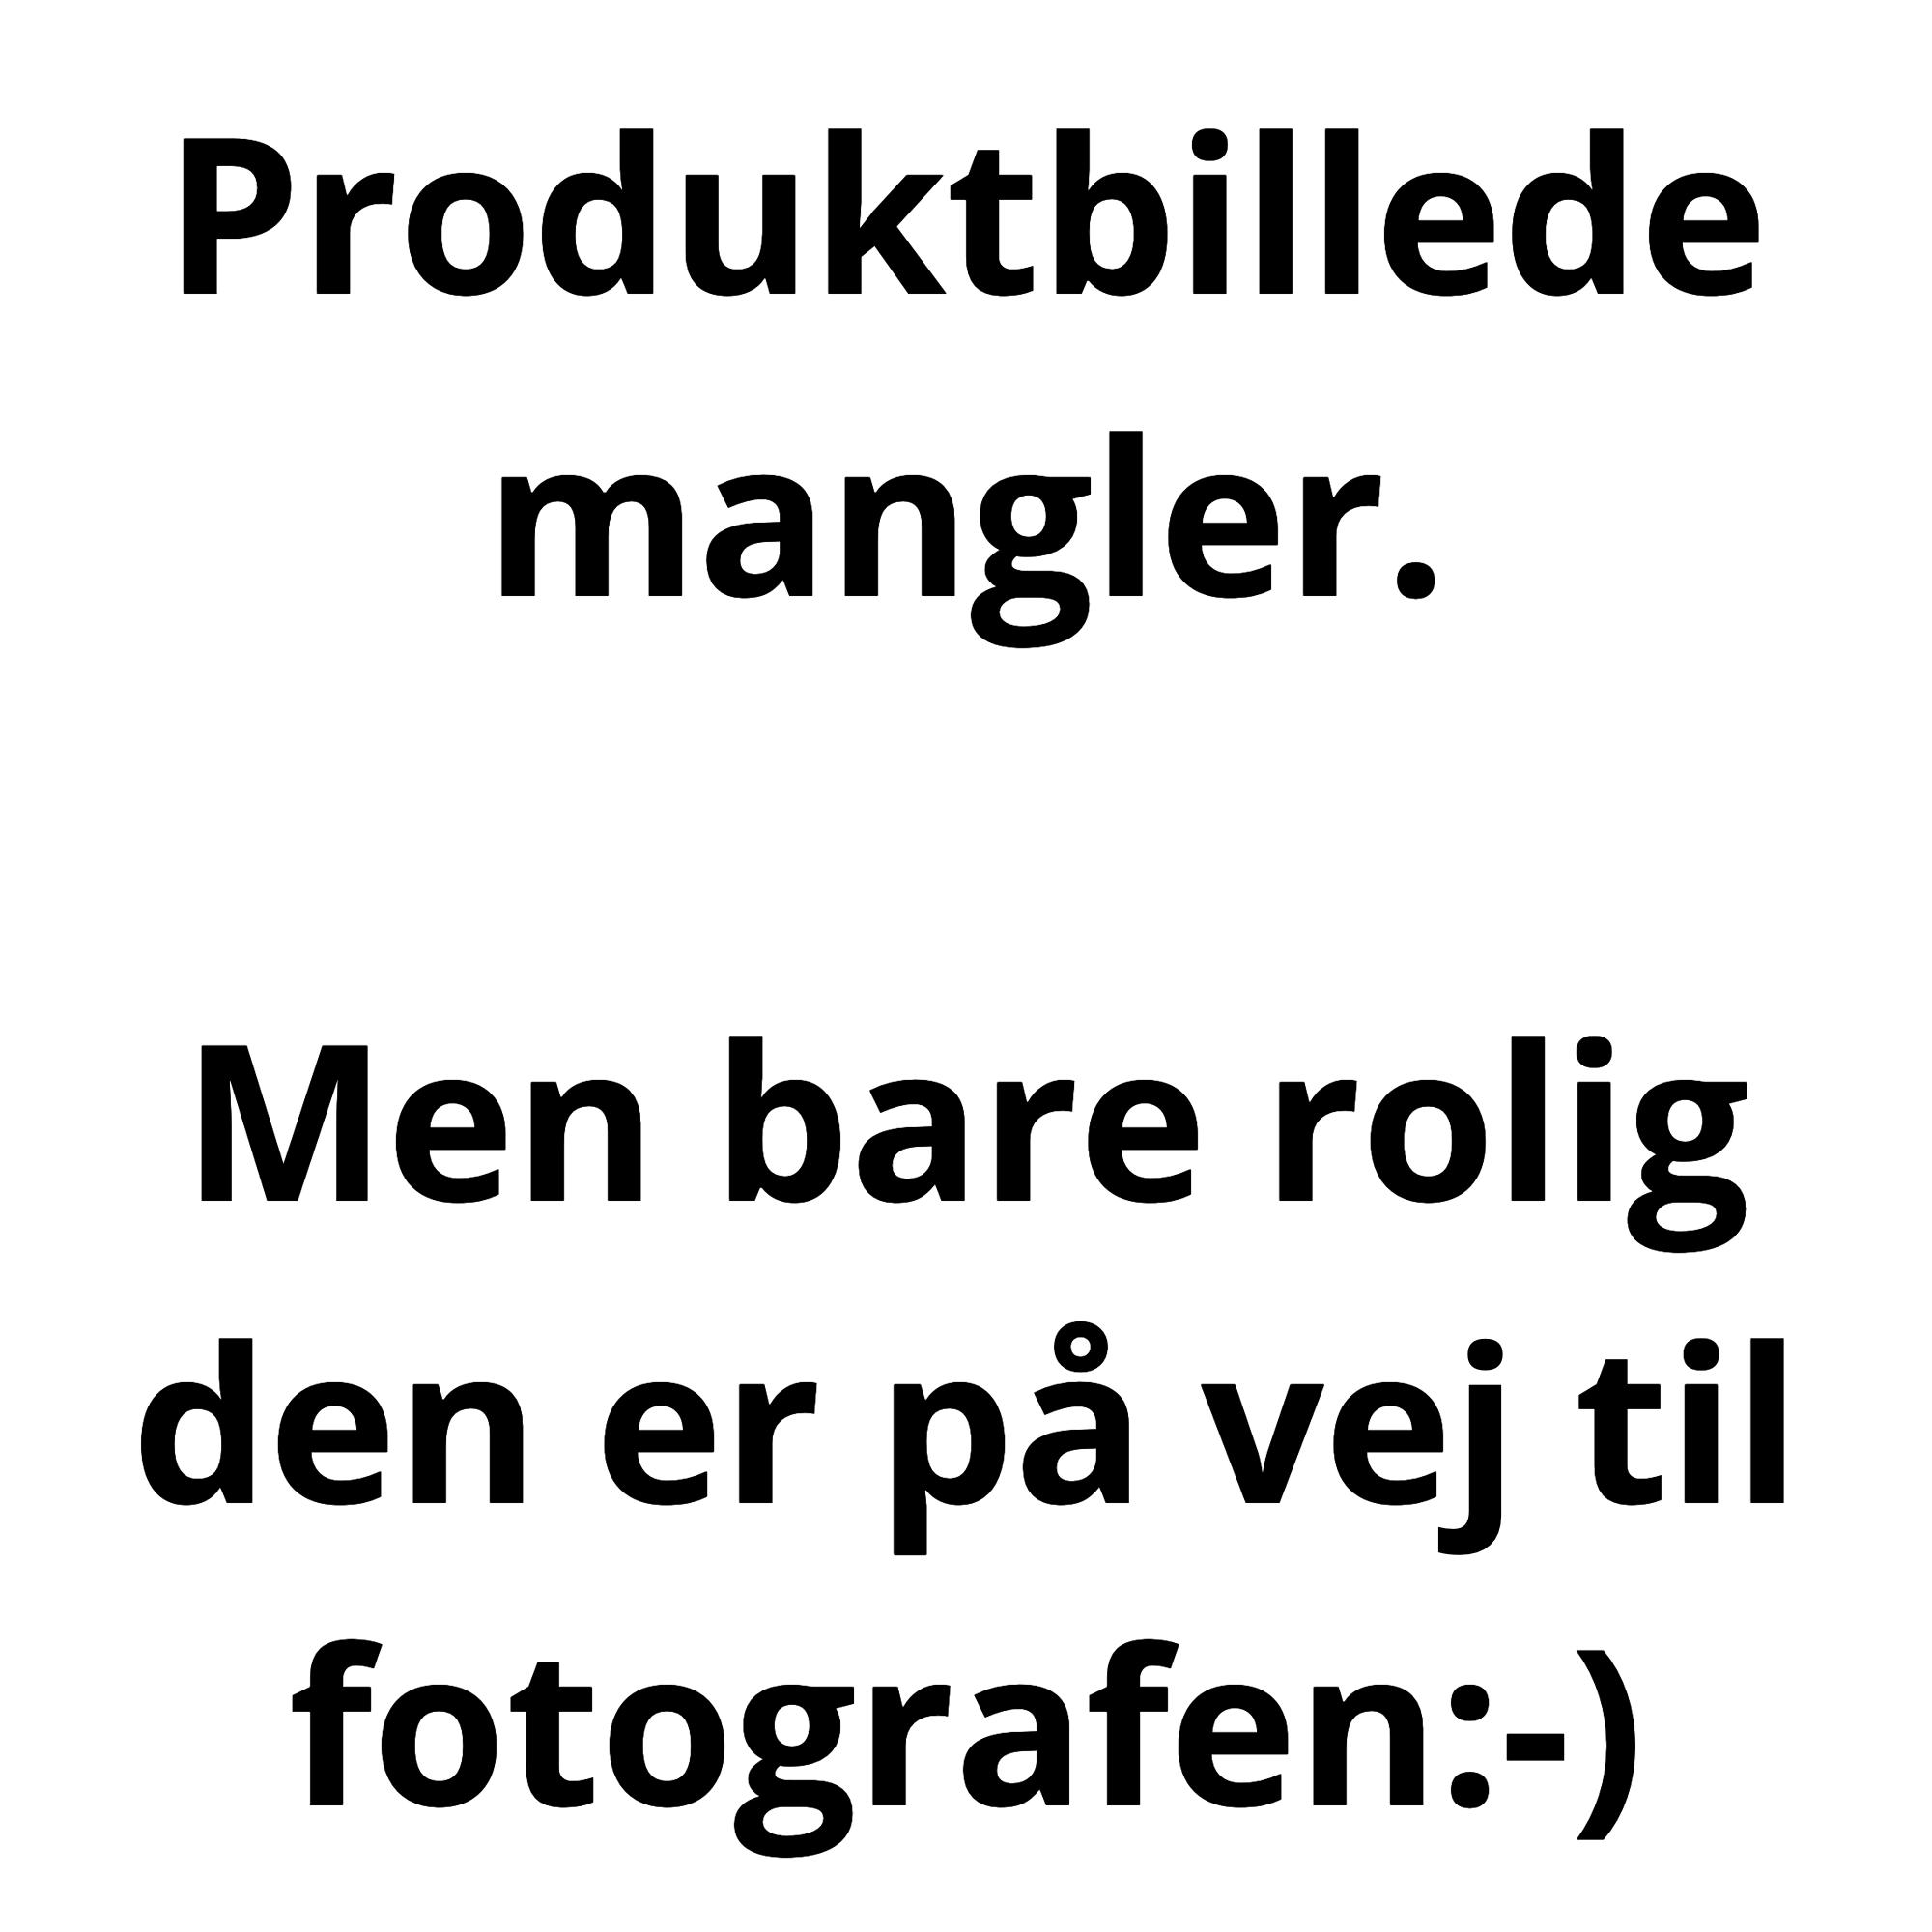 Brodit Apple iPhone 5/5S Justerbar holder B:59-63/D:6-10  - Faststrøms Holder